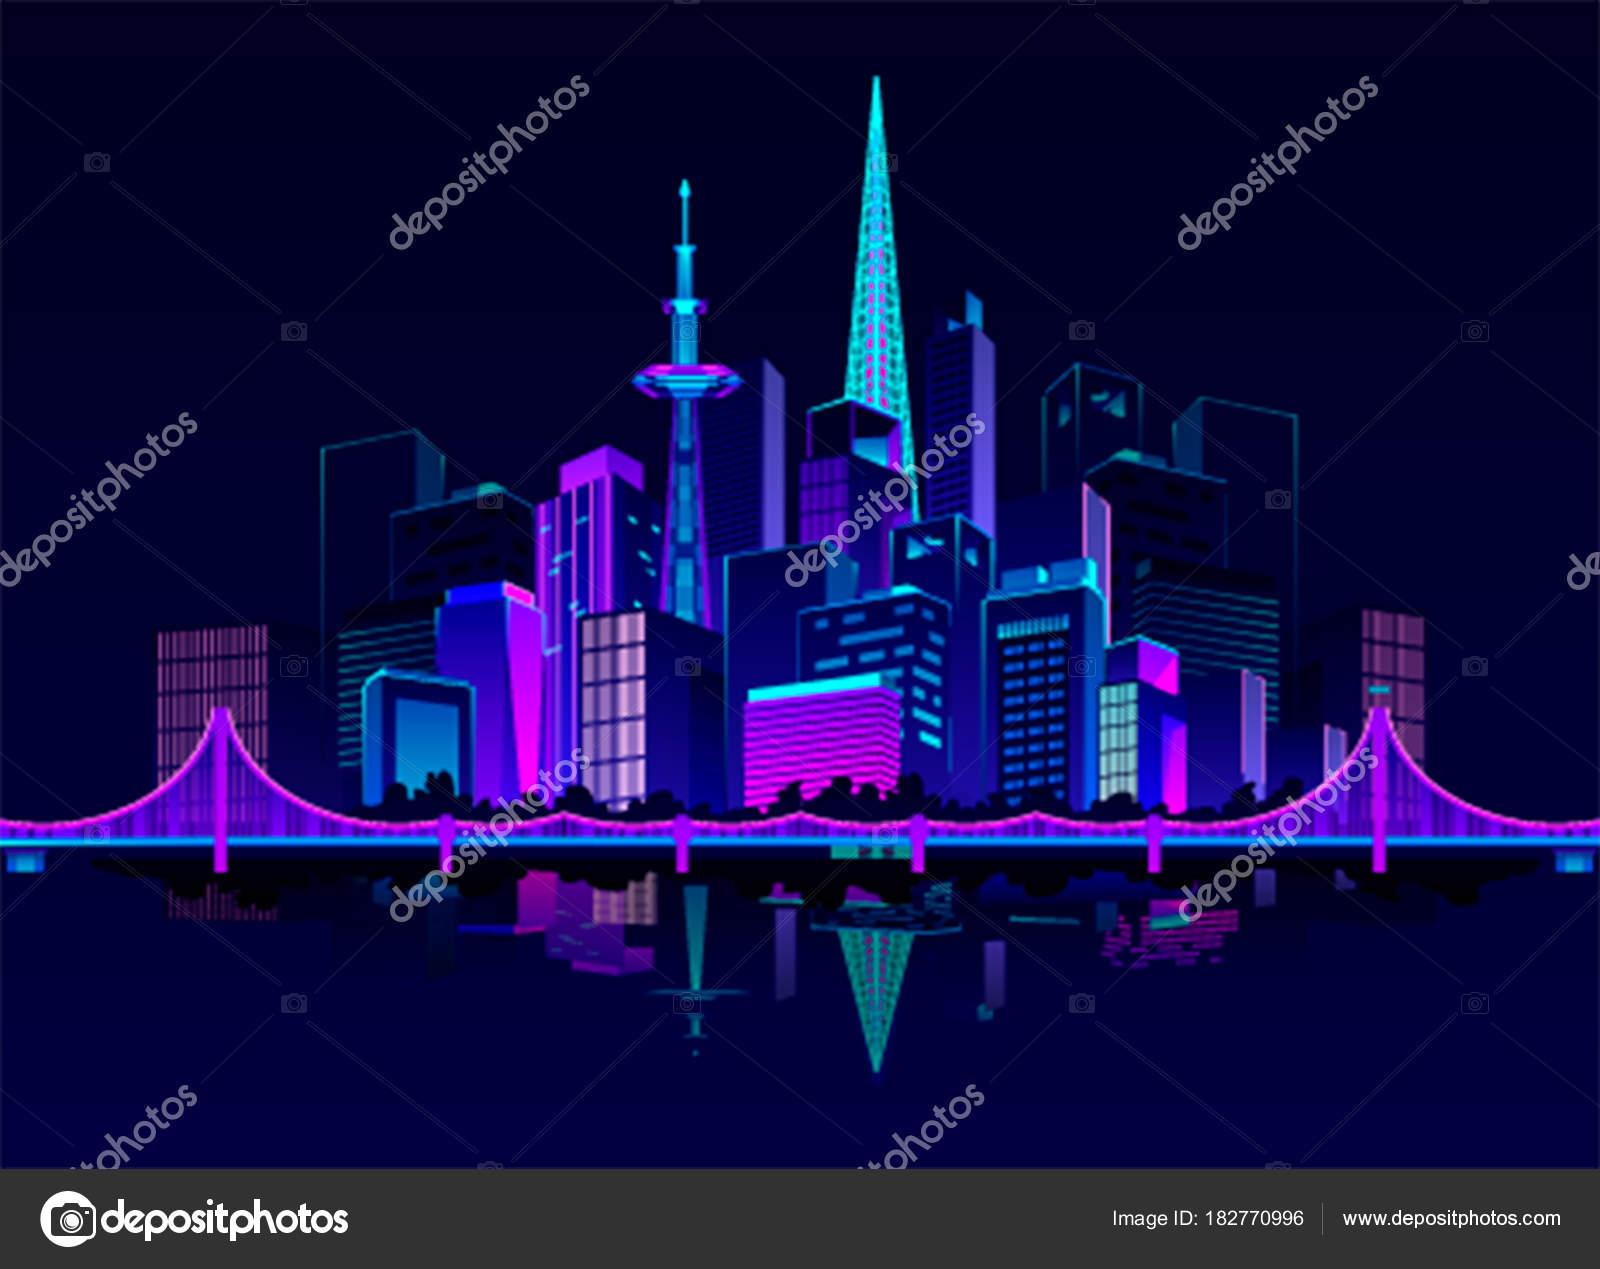 夜のネオン街 ストックベクター Marrishuannna 182770996